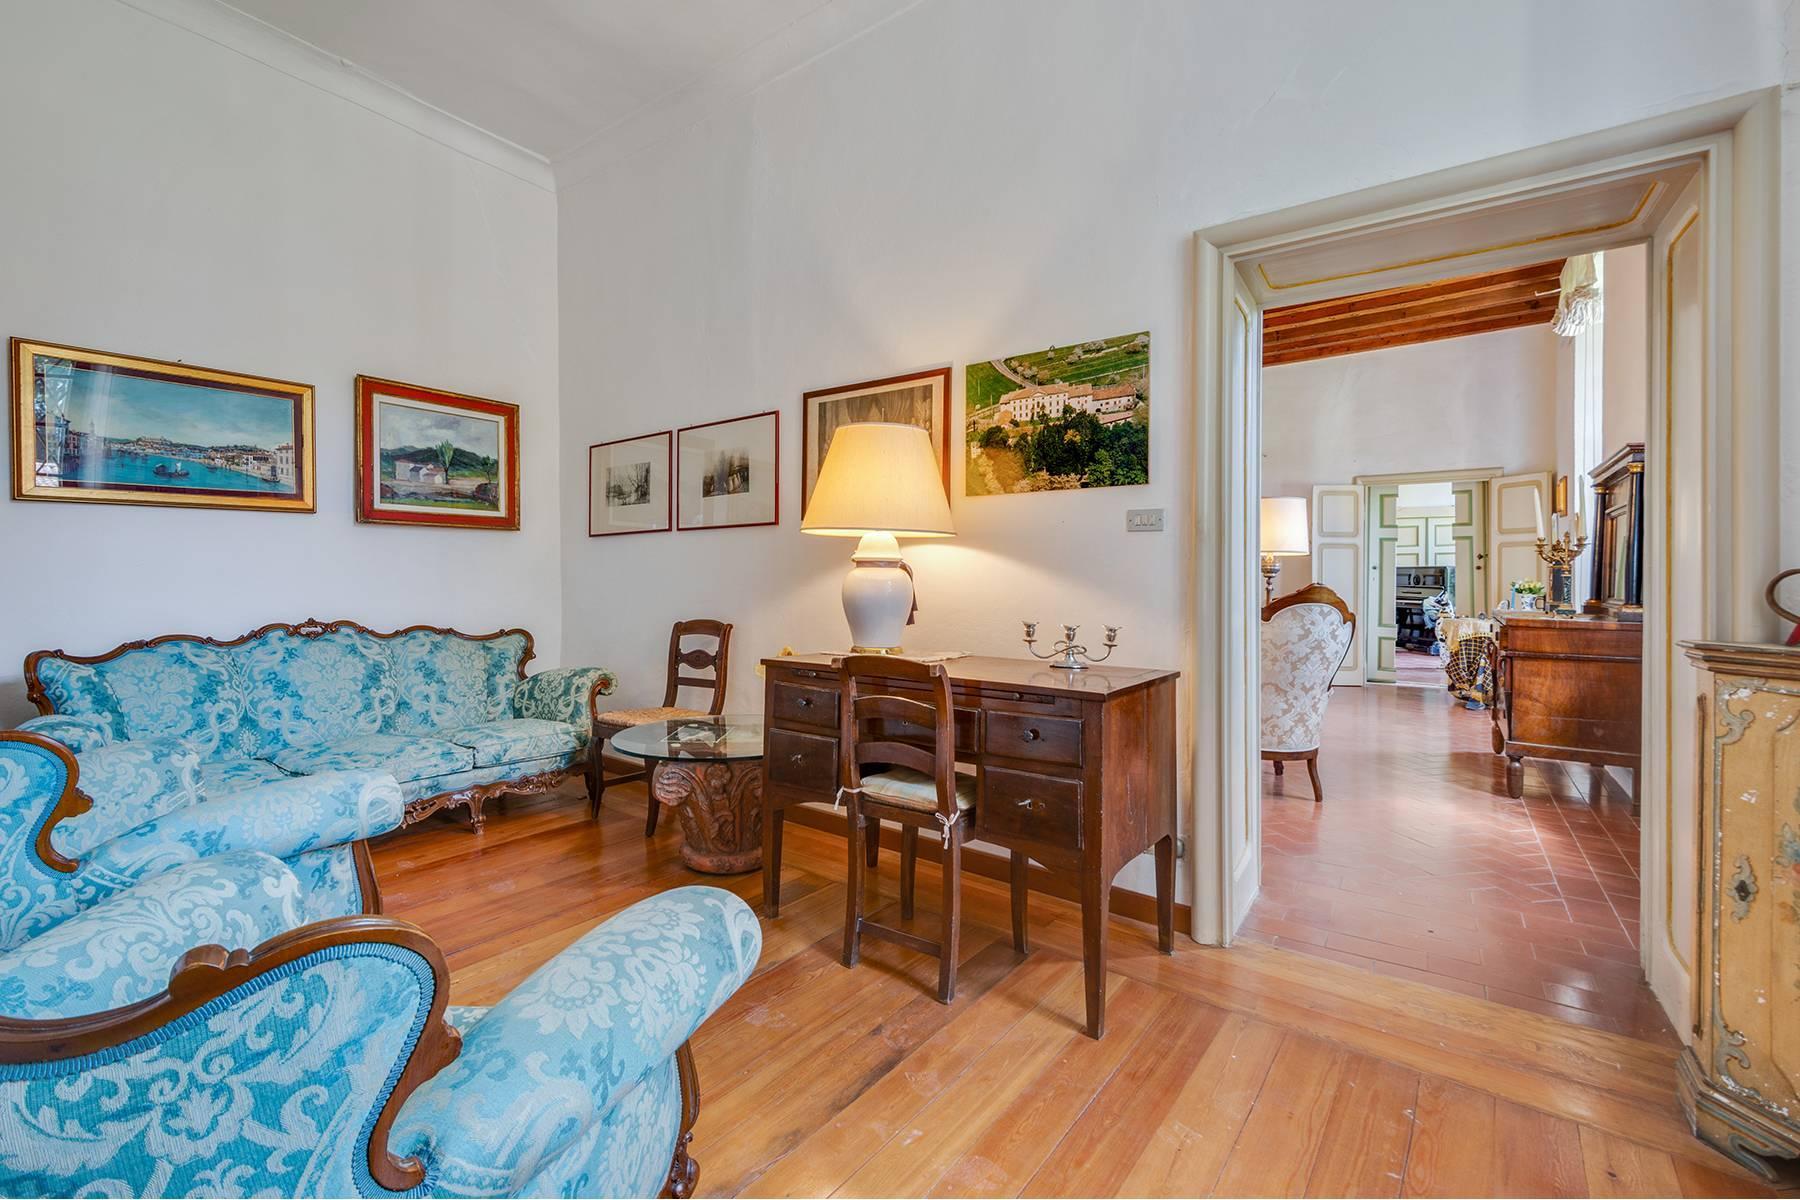 Historische Villa mit Park und prächtigem alten Keller, umgeben von Weinbergen - 16